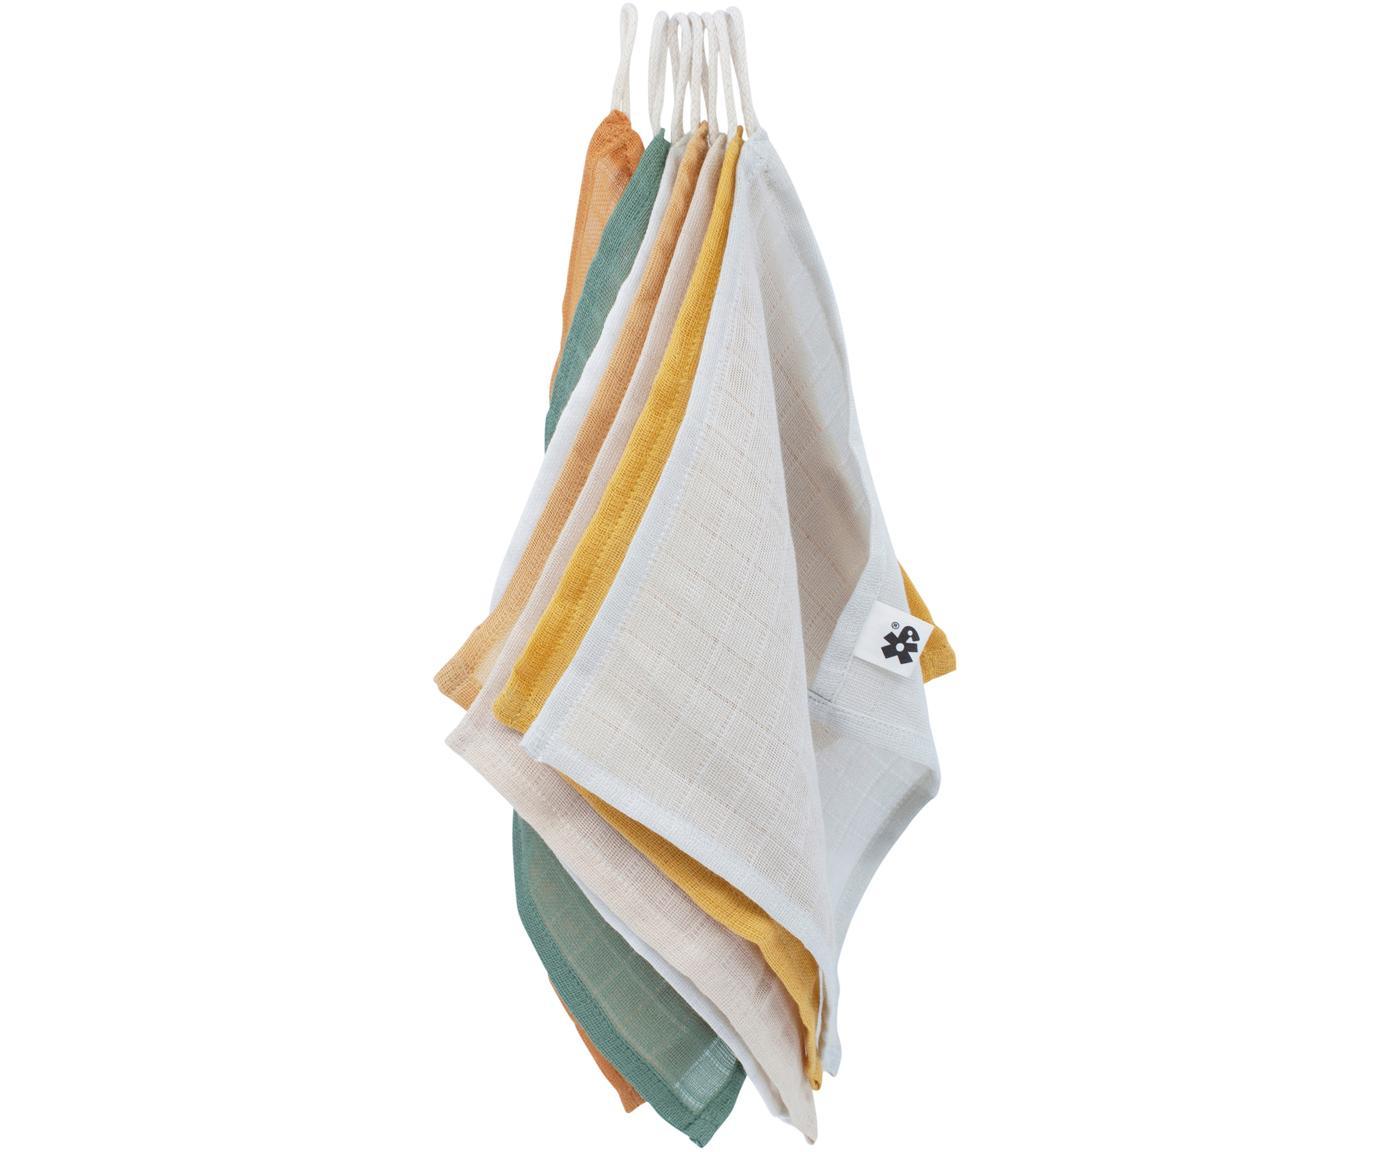 Washandjesset Marne, 7-delig, Katoen, GOTS-gecertificeerd, Multicolour, 20 x 20 cm